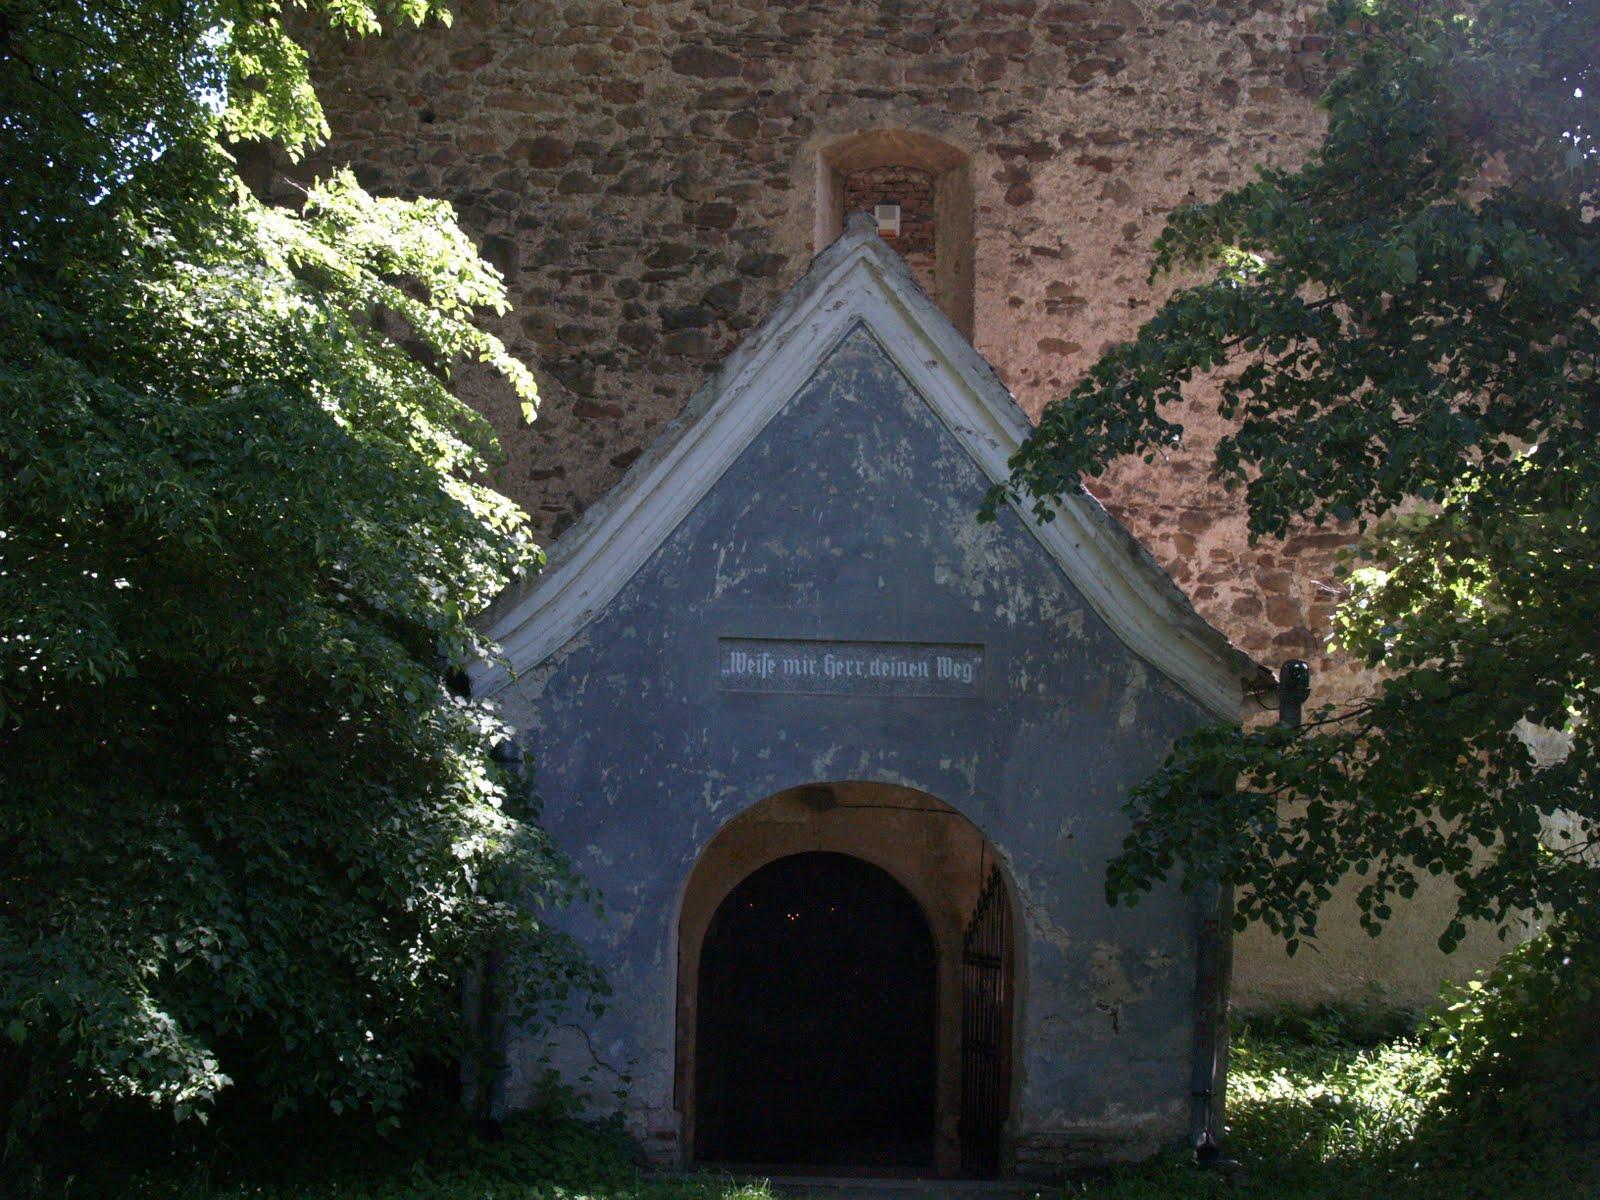 Die Wehrkirche in Rothberg, einer der vergessenen Schätze Siebenürgens